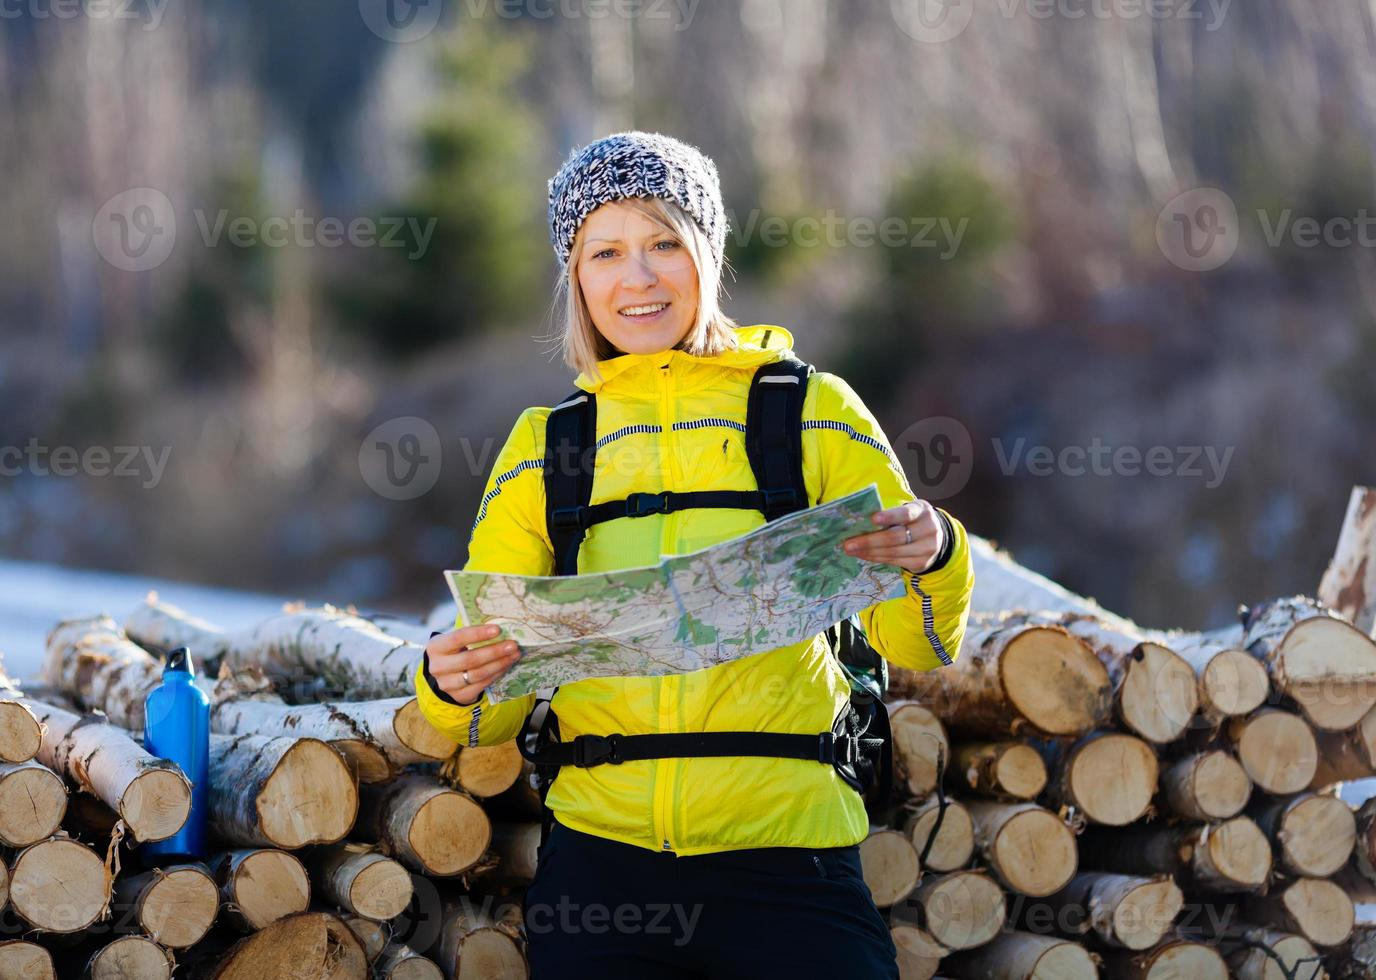 donna escursioni e campeggio nei boschi invernali foto